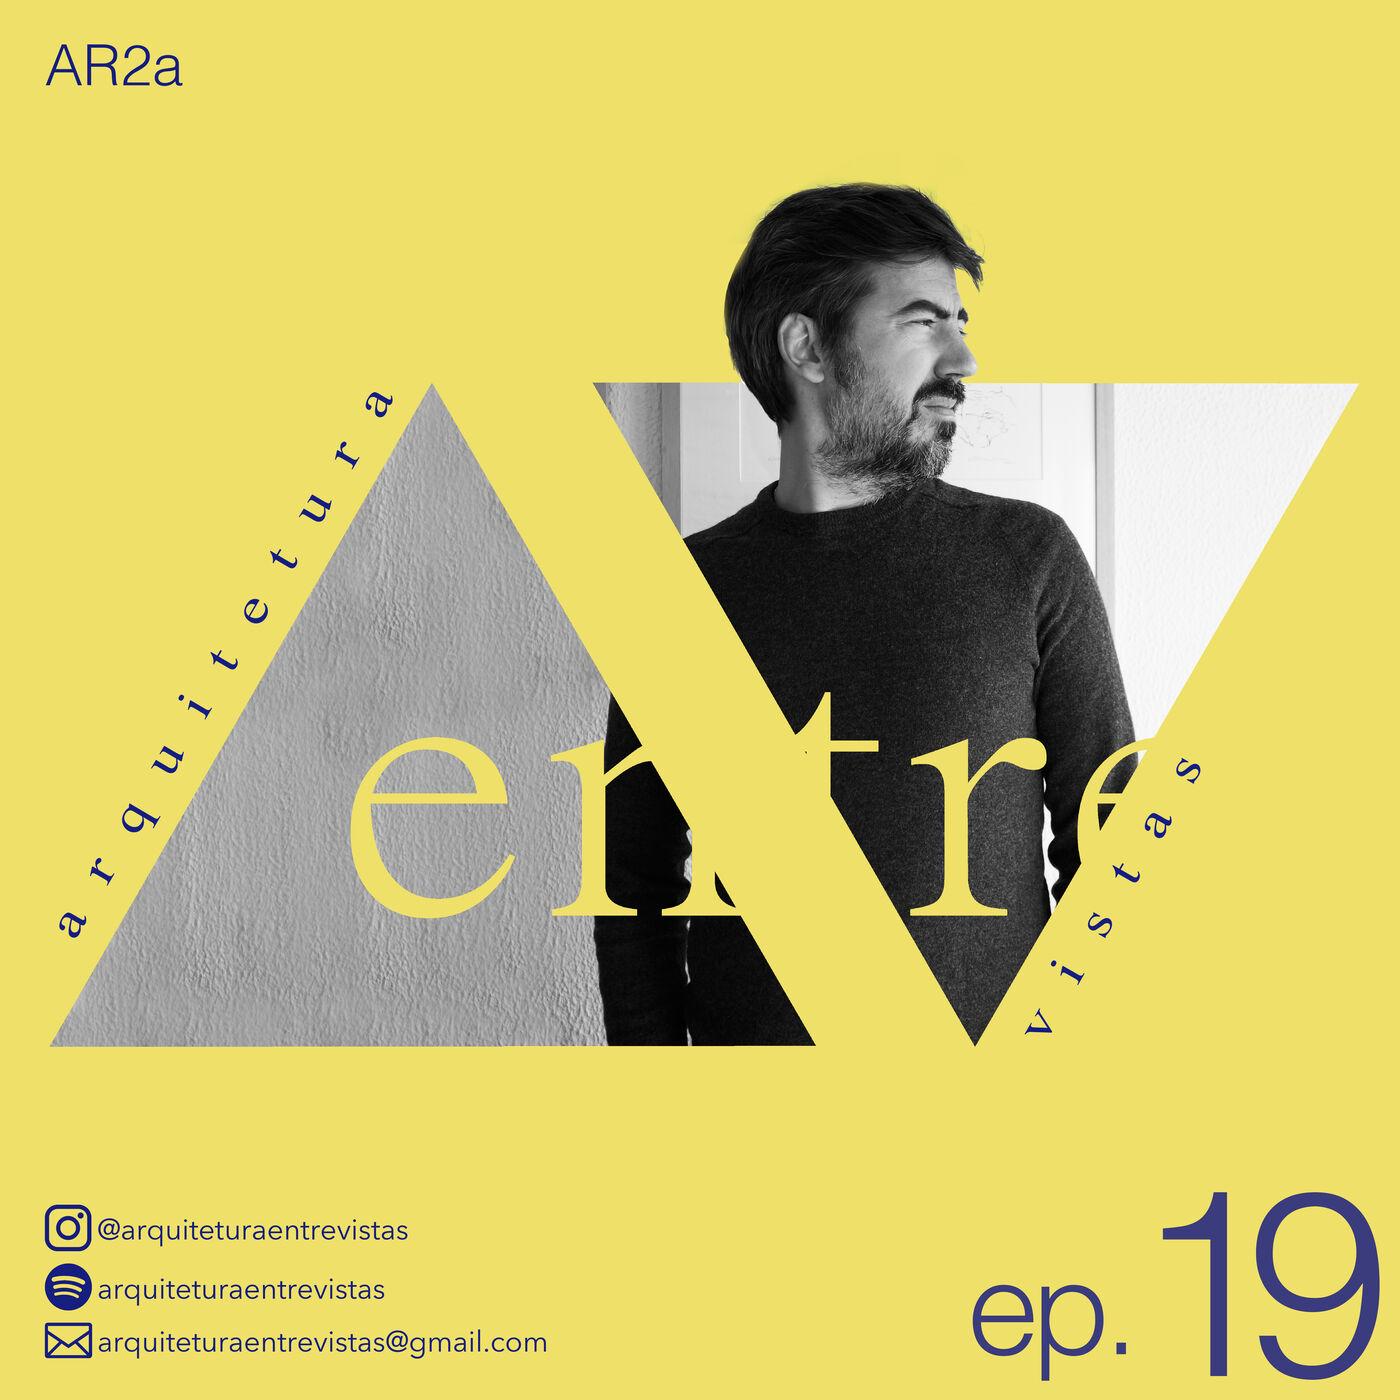 EP.19 AR2a, Arquitetura Entre Vistas